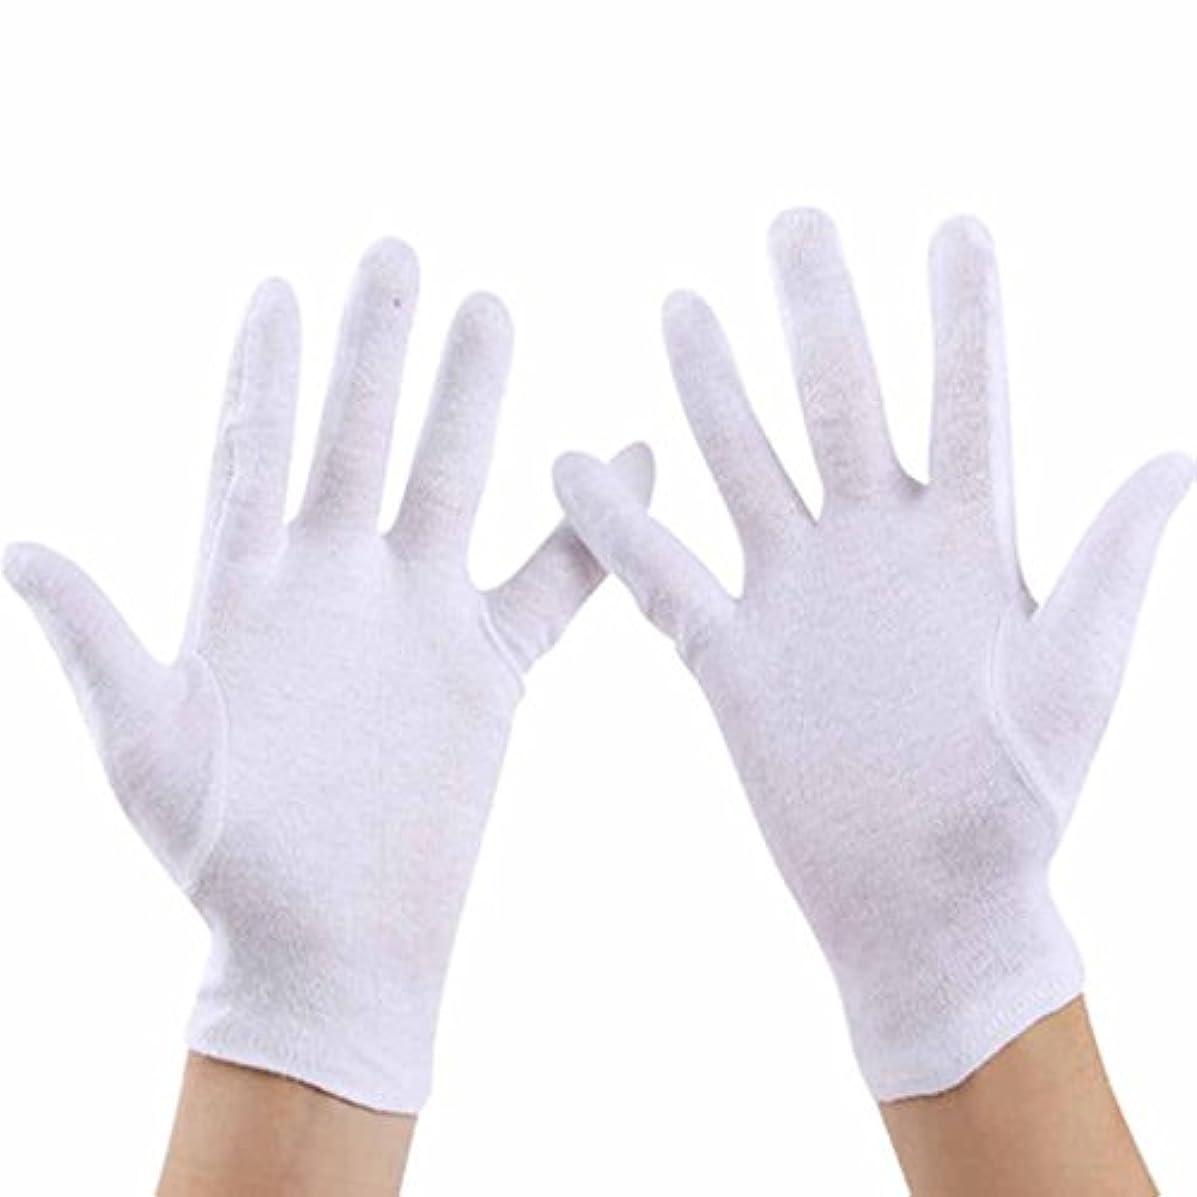 カウンタ不良品コンチネンタル使い捨て手袋 ホワイトエチケットコットン手袋、快適で 吸収性手袋 (Size : L)